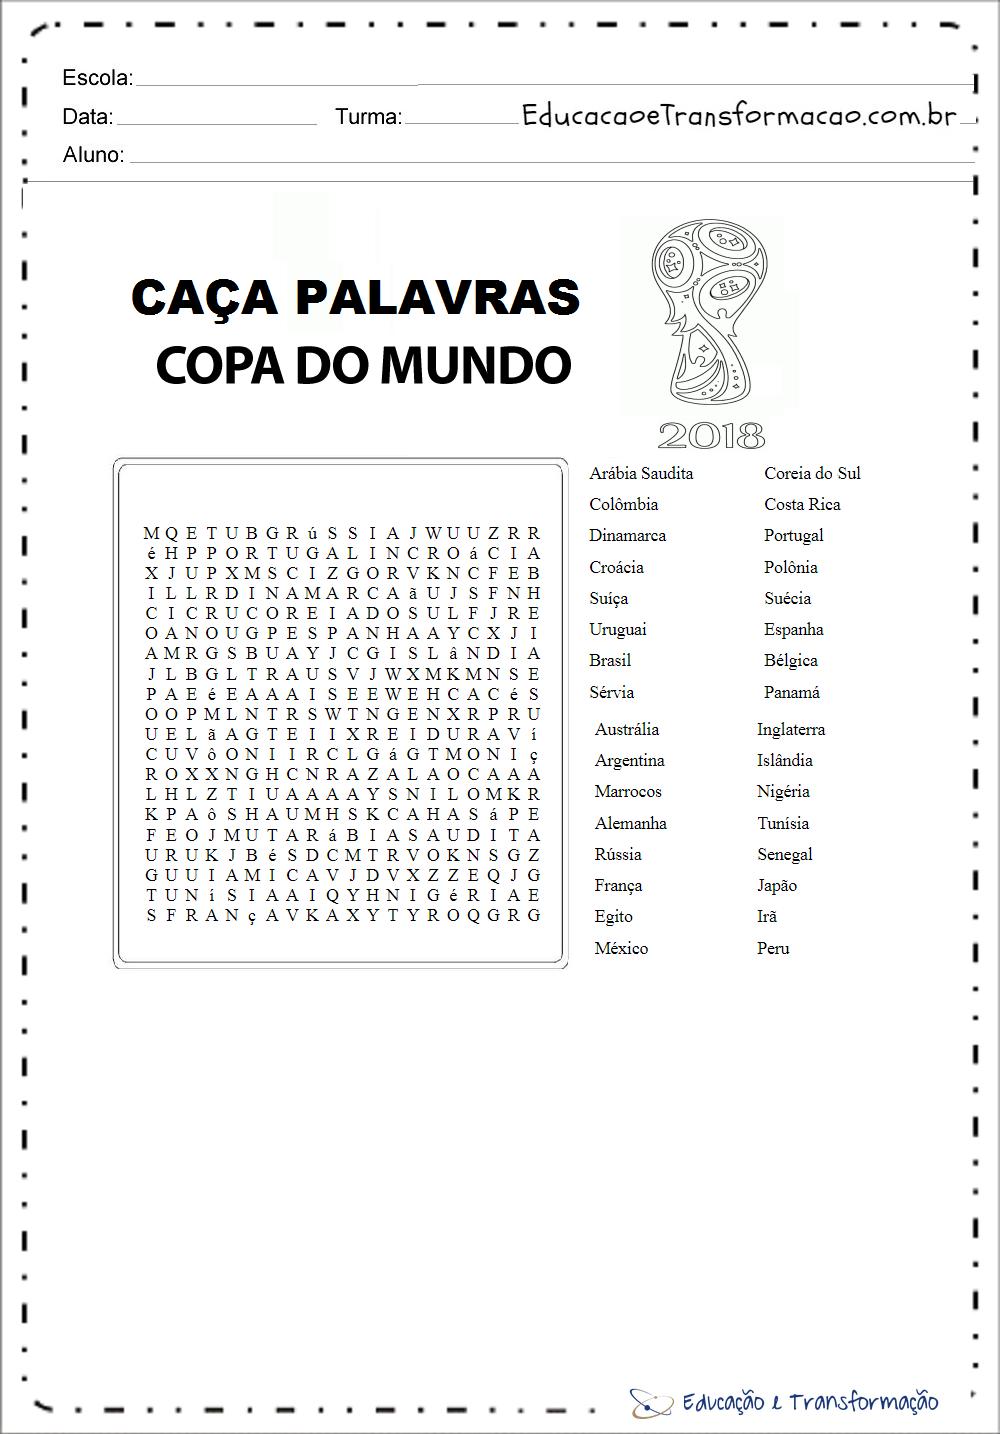 Atividades para Copa do Mundo – Caça Palavras 2018